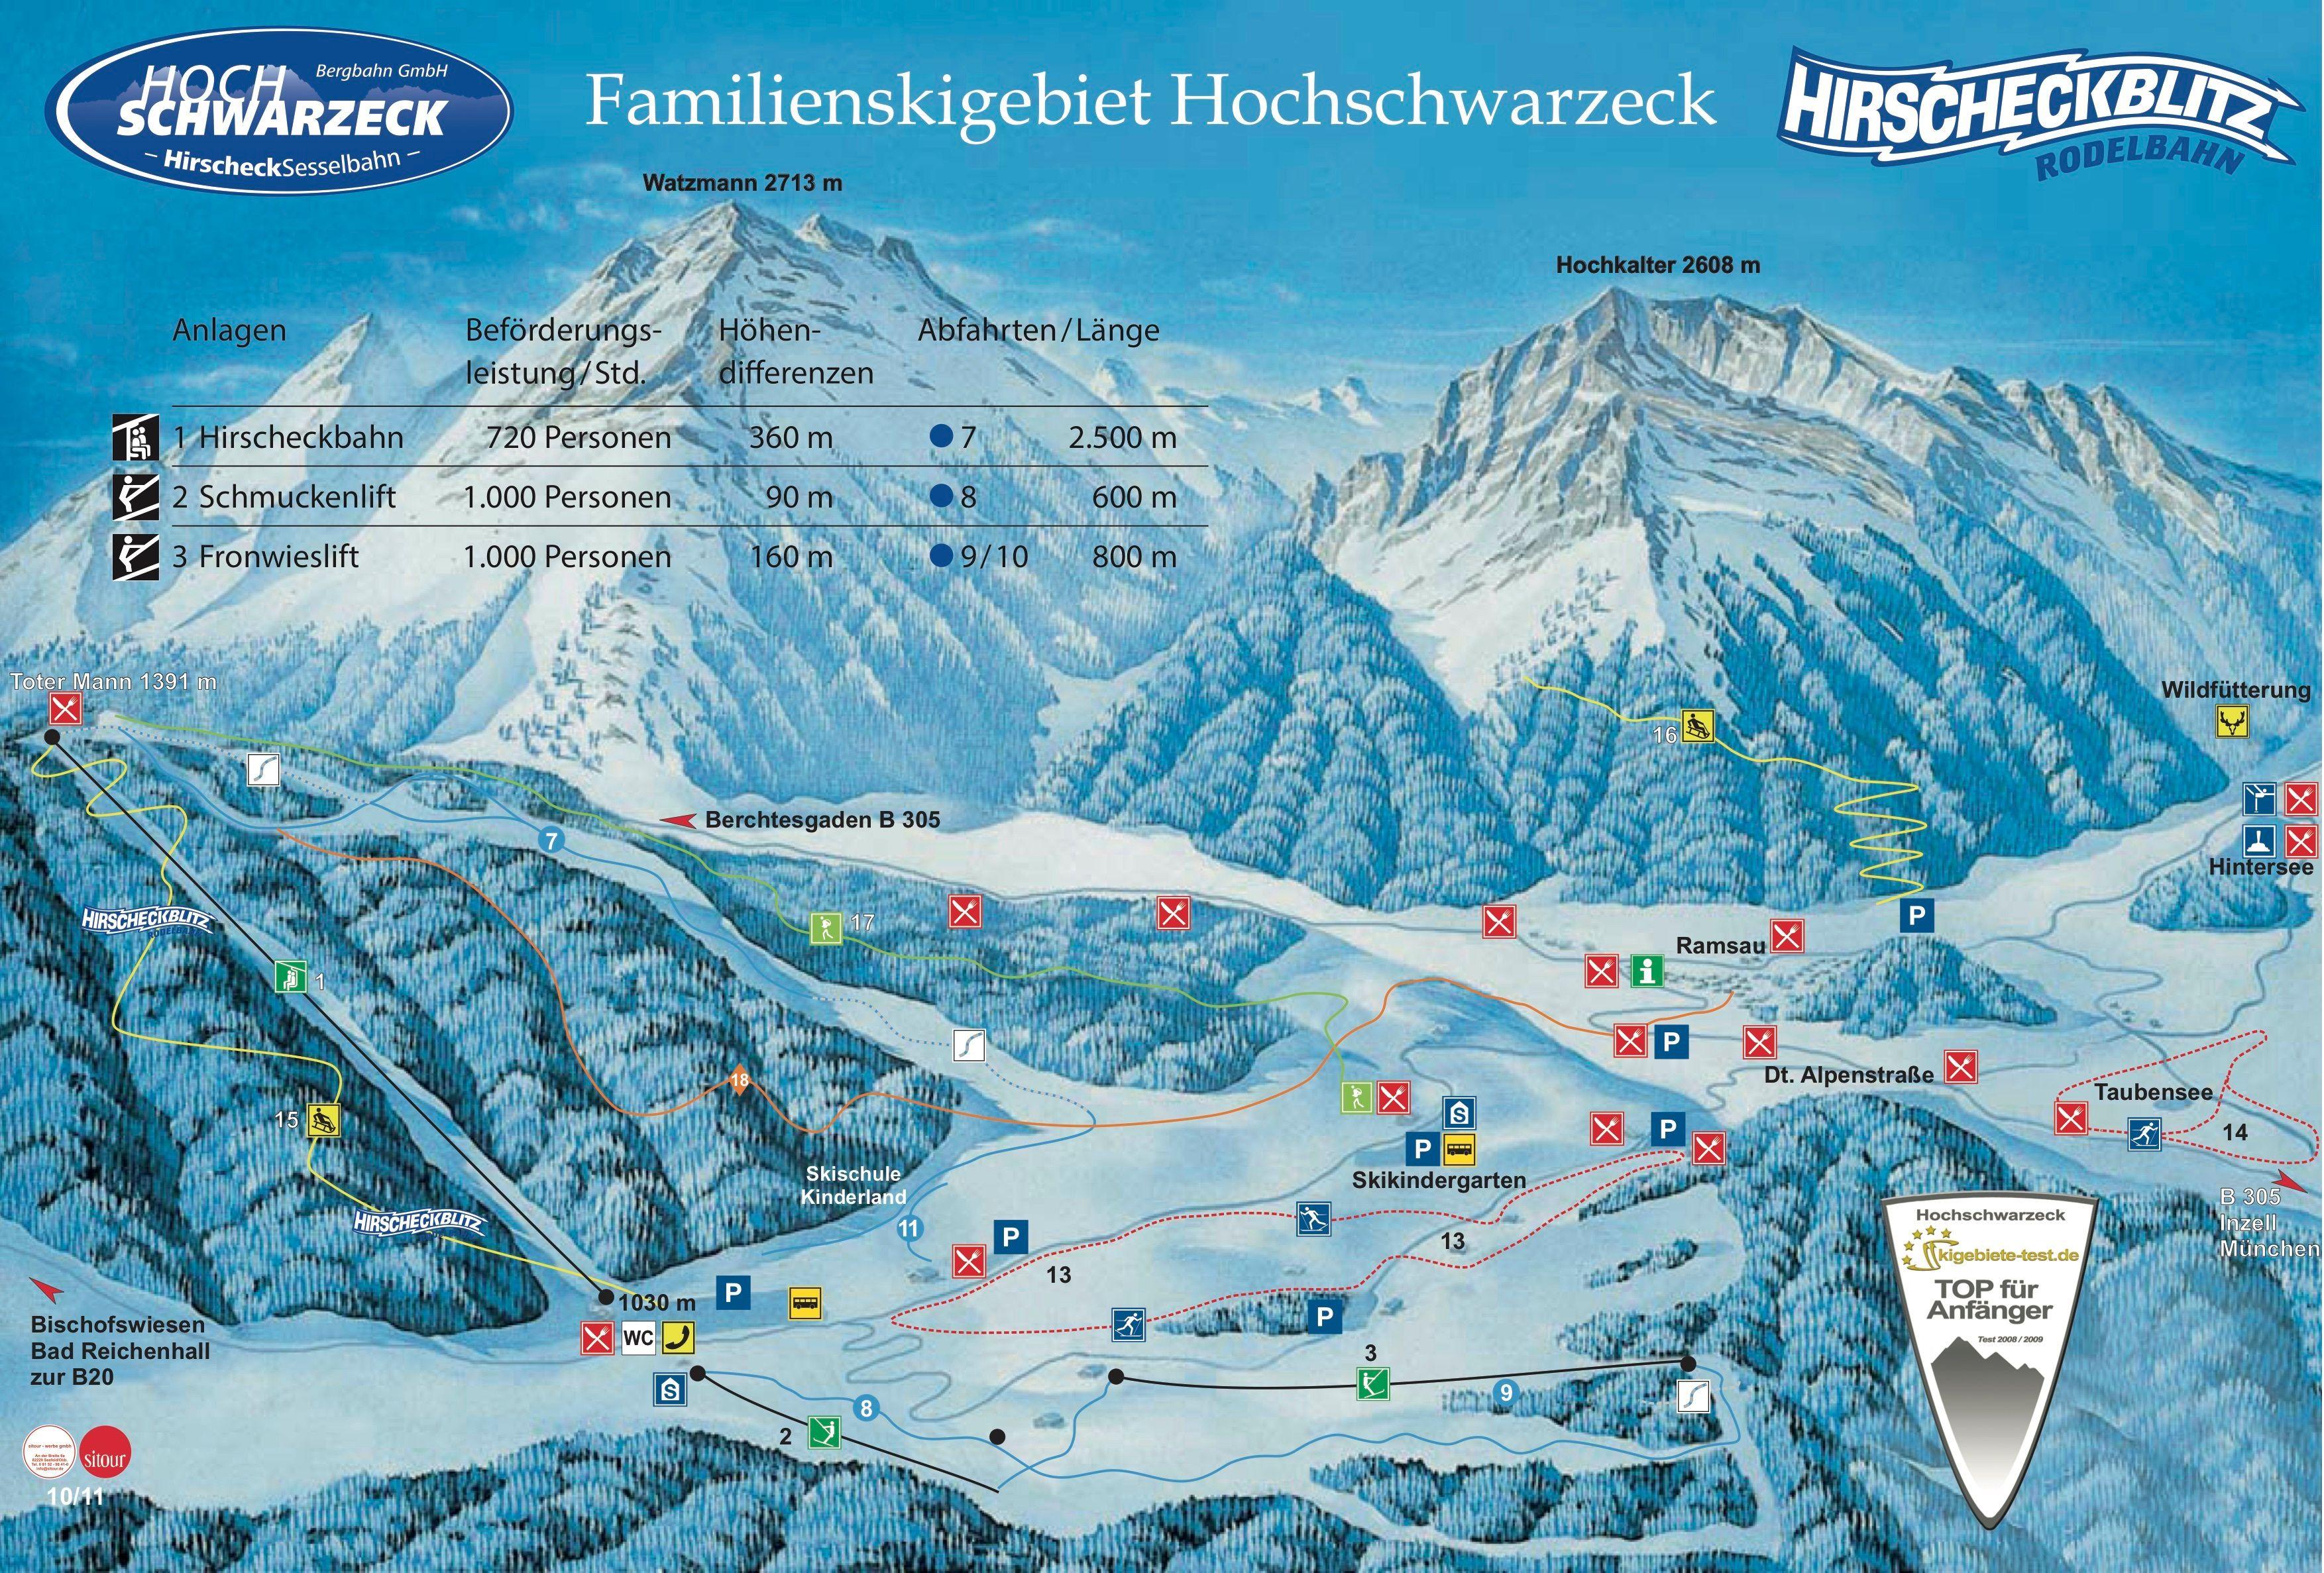 Hochschwarzeck - Ramsau